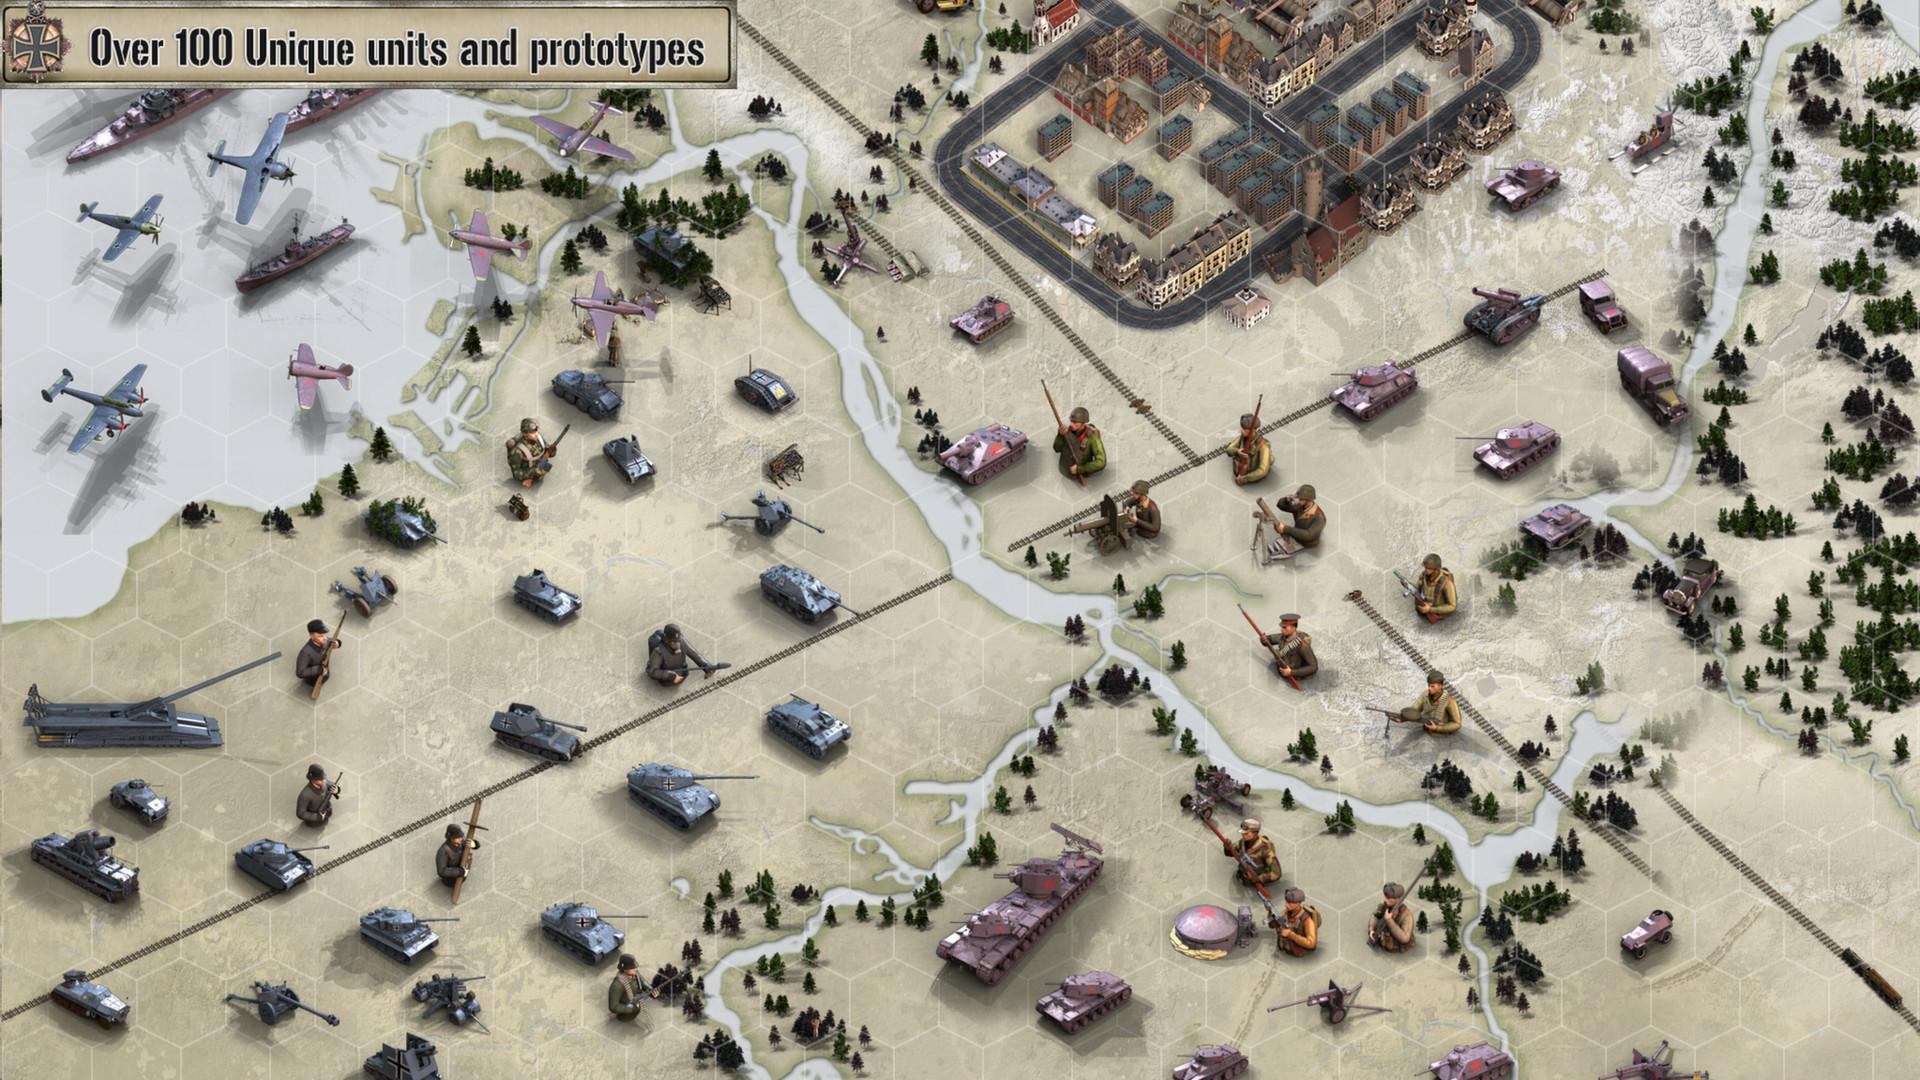 الإستراتيجية الرائعة Frontline Road Moscow ss_864536e17e87ad125